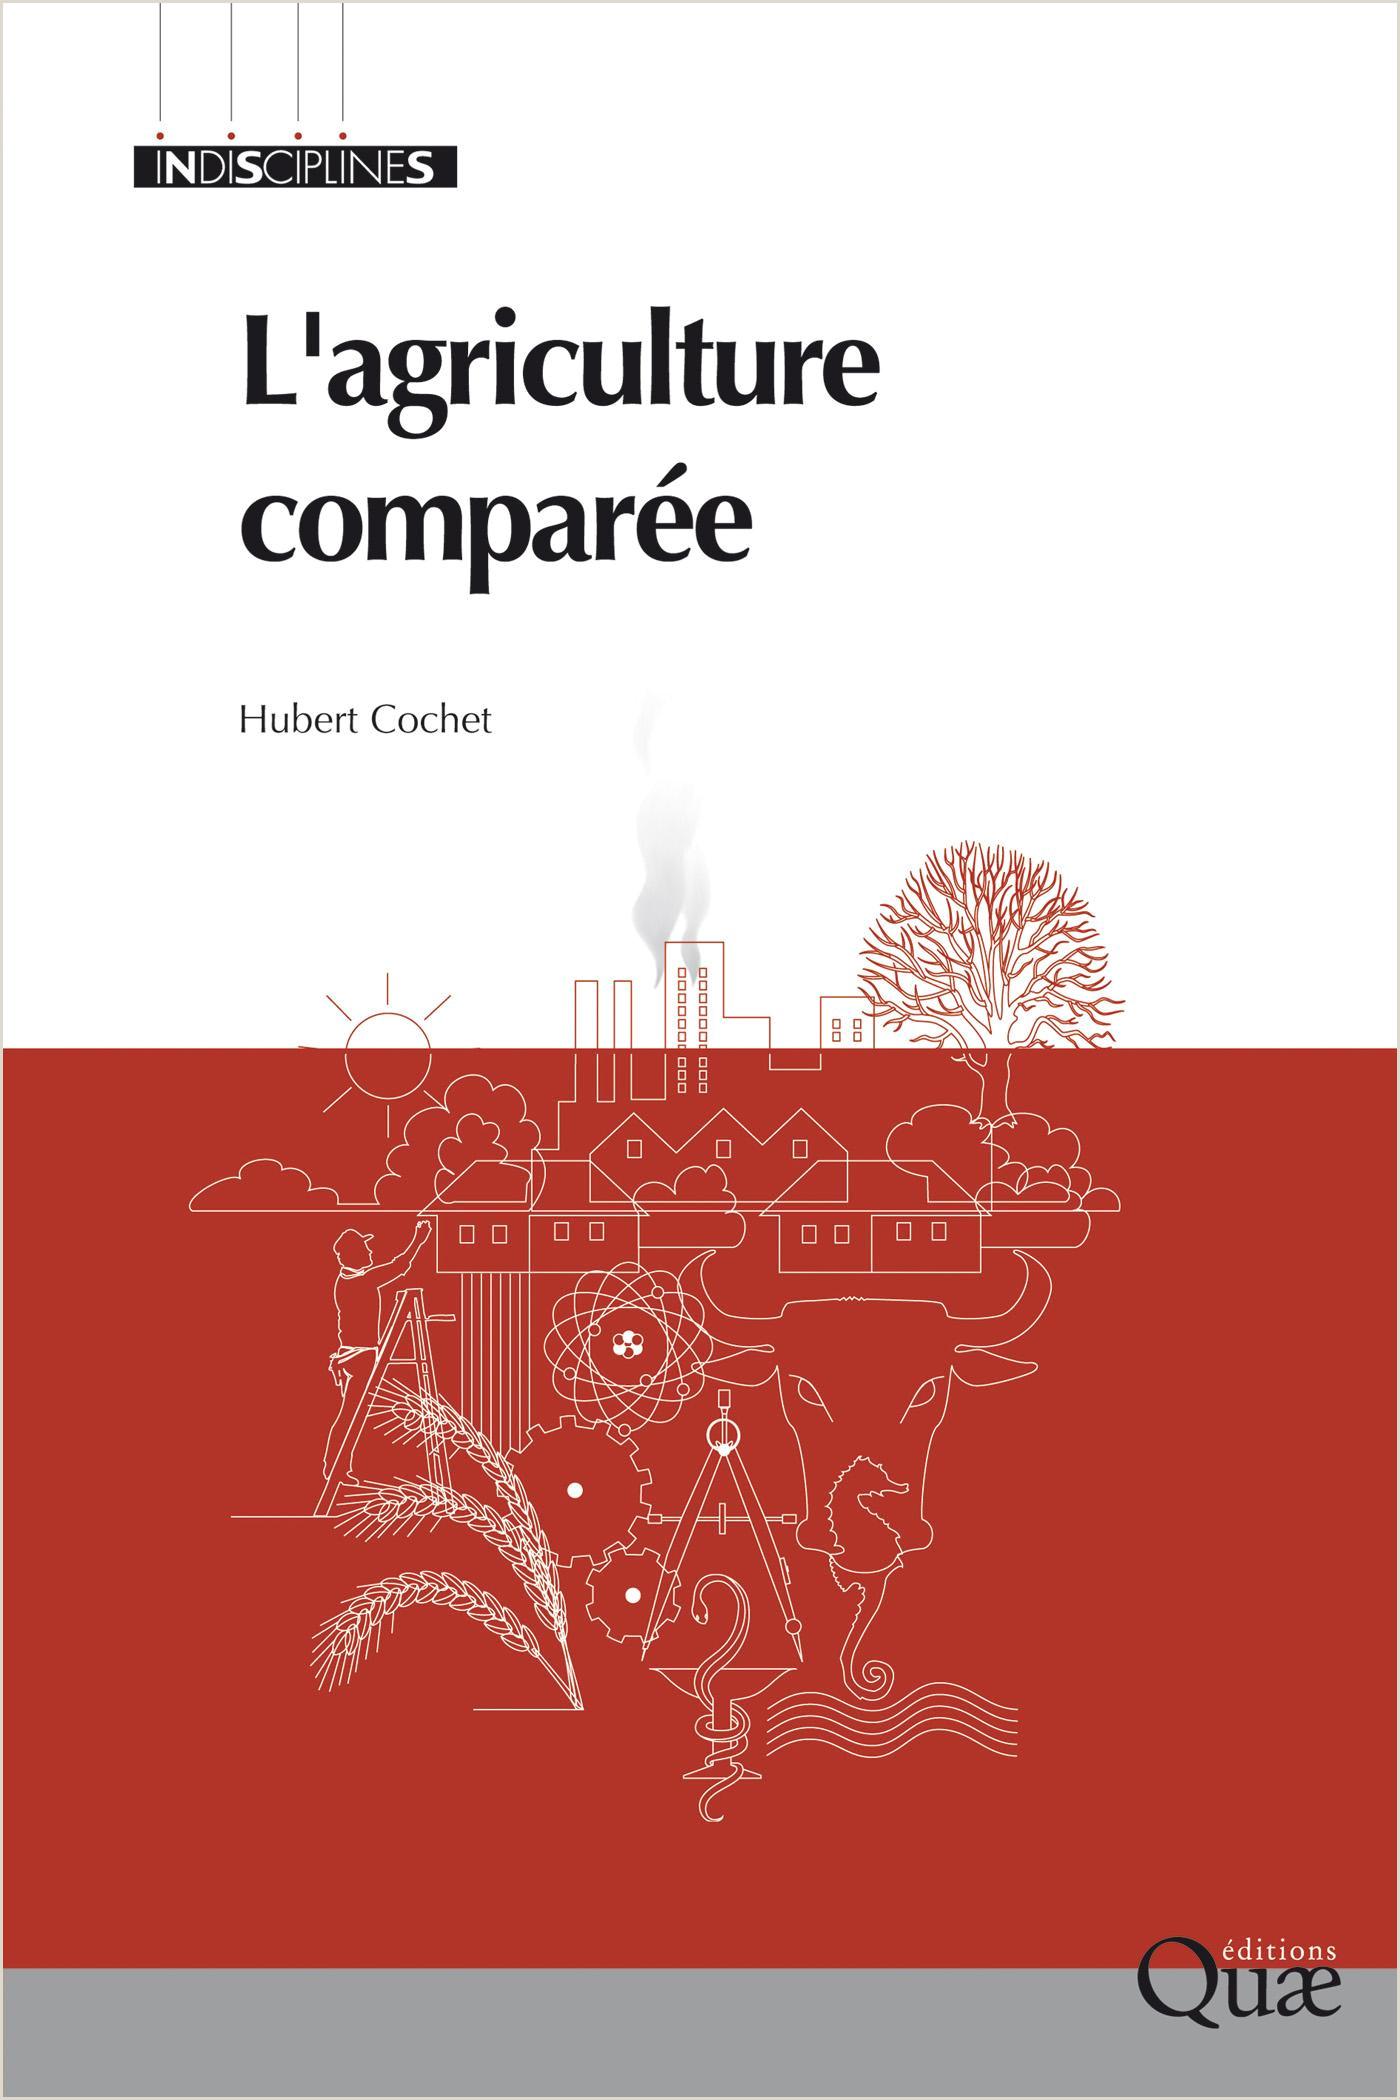 Chapitre 3 Le syst¨me agraire concept intégrateur de l